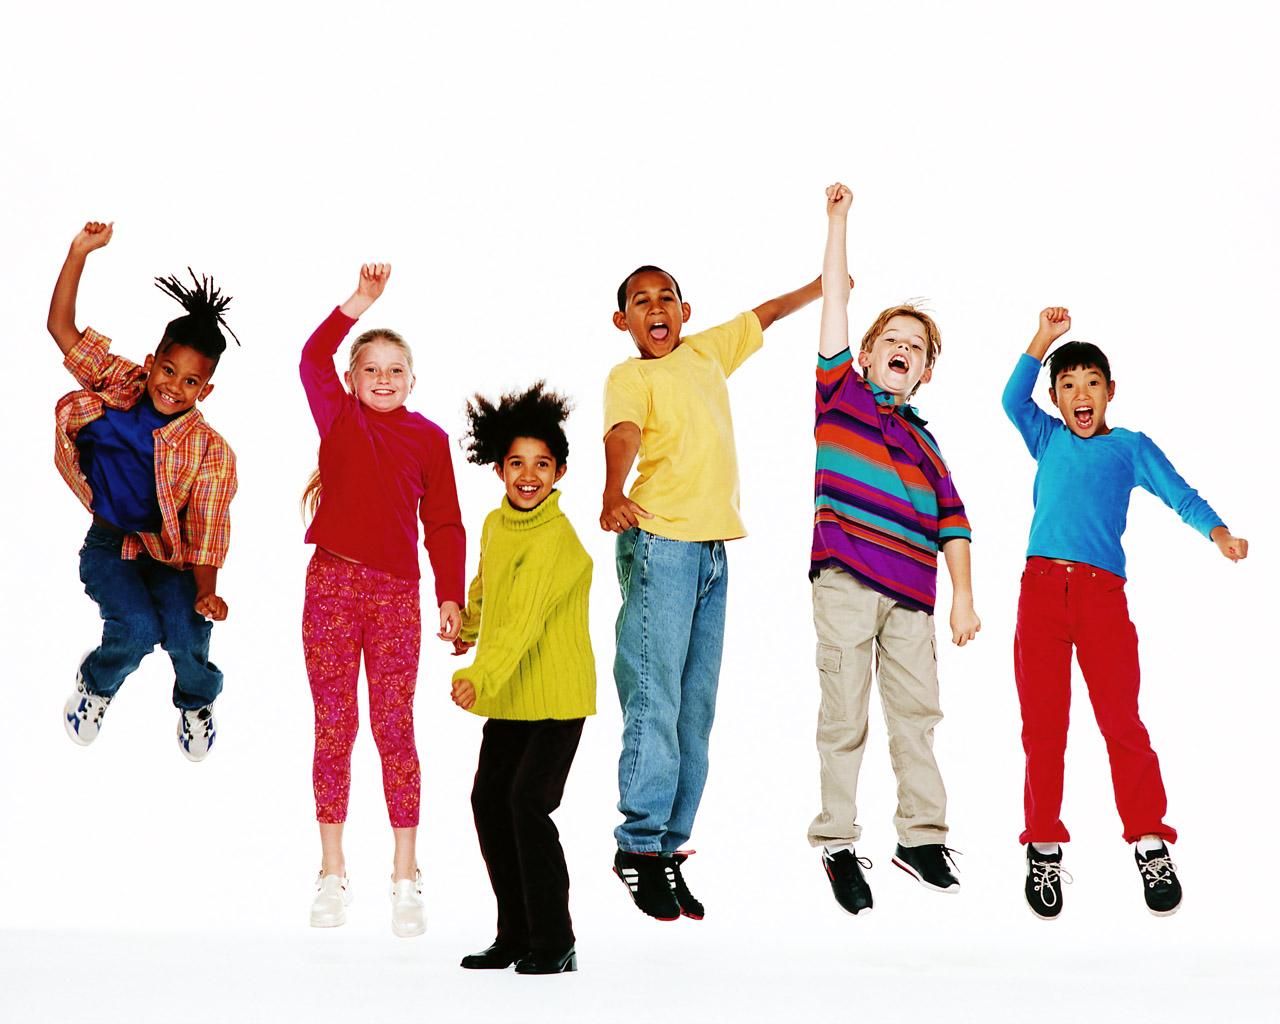 Как открыть магазин детской одежды пошаговая инструкция для